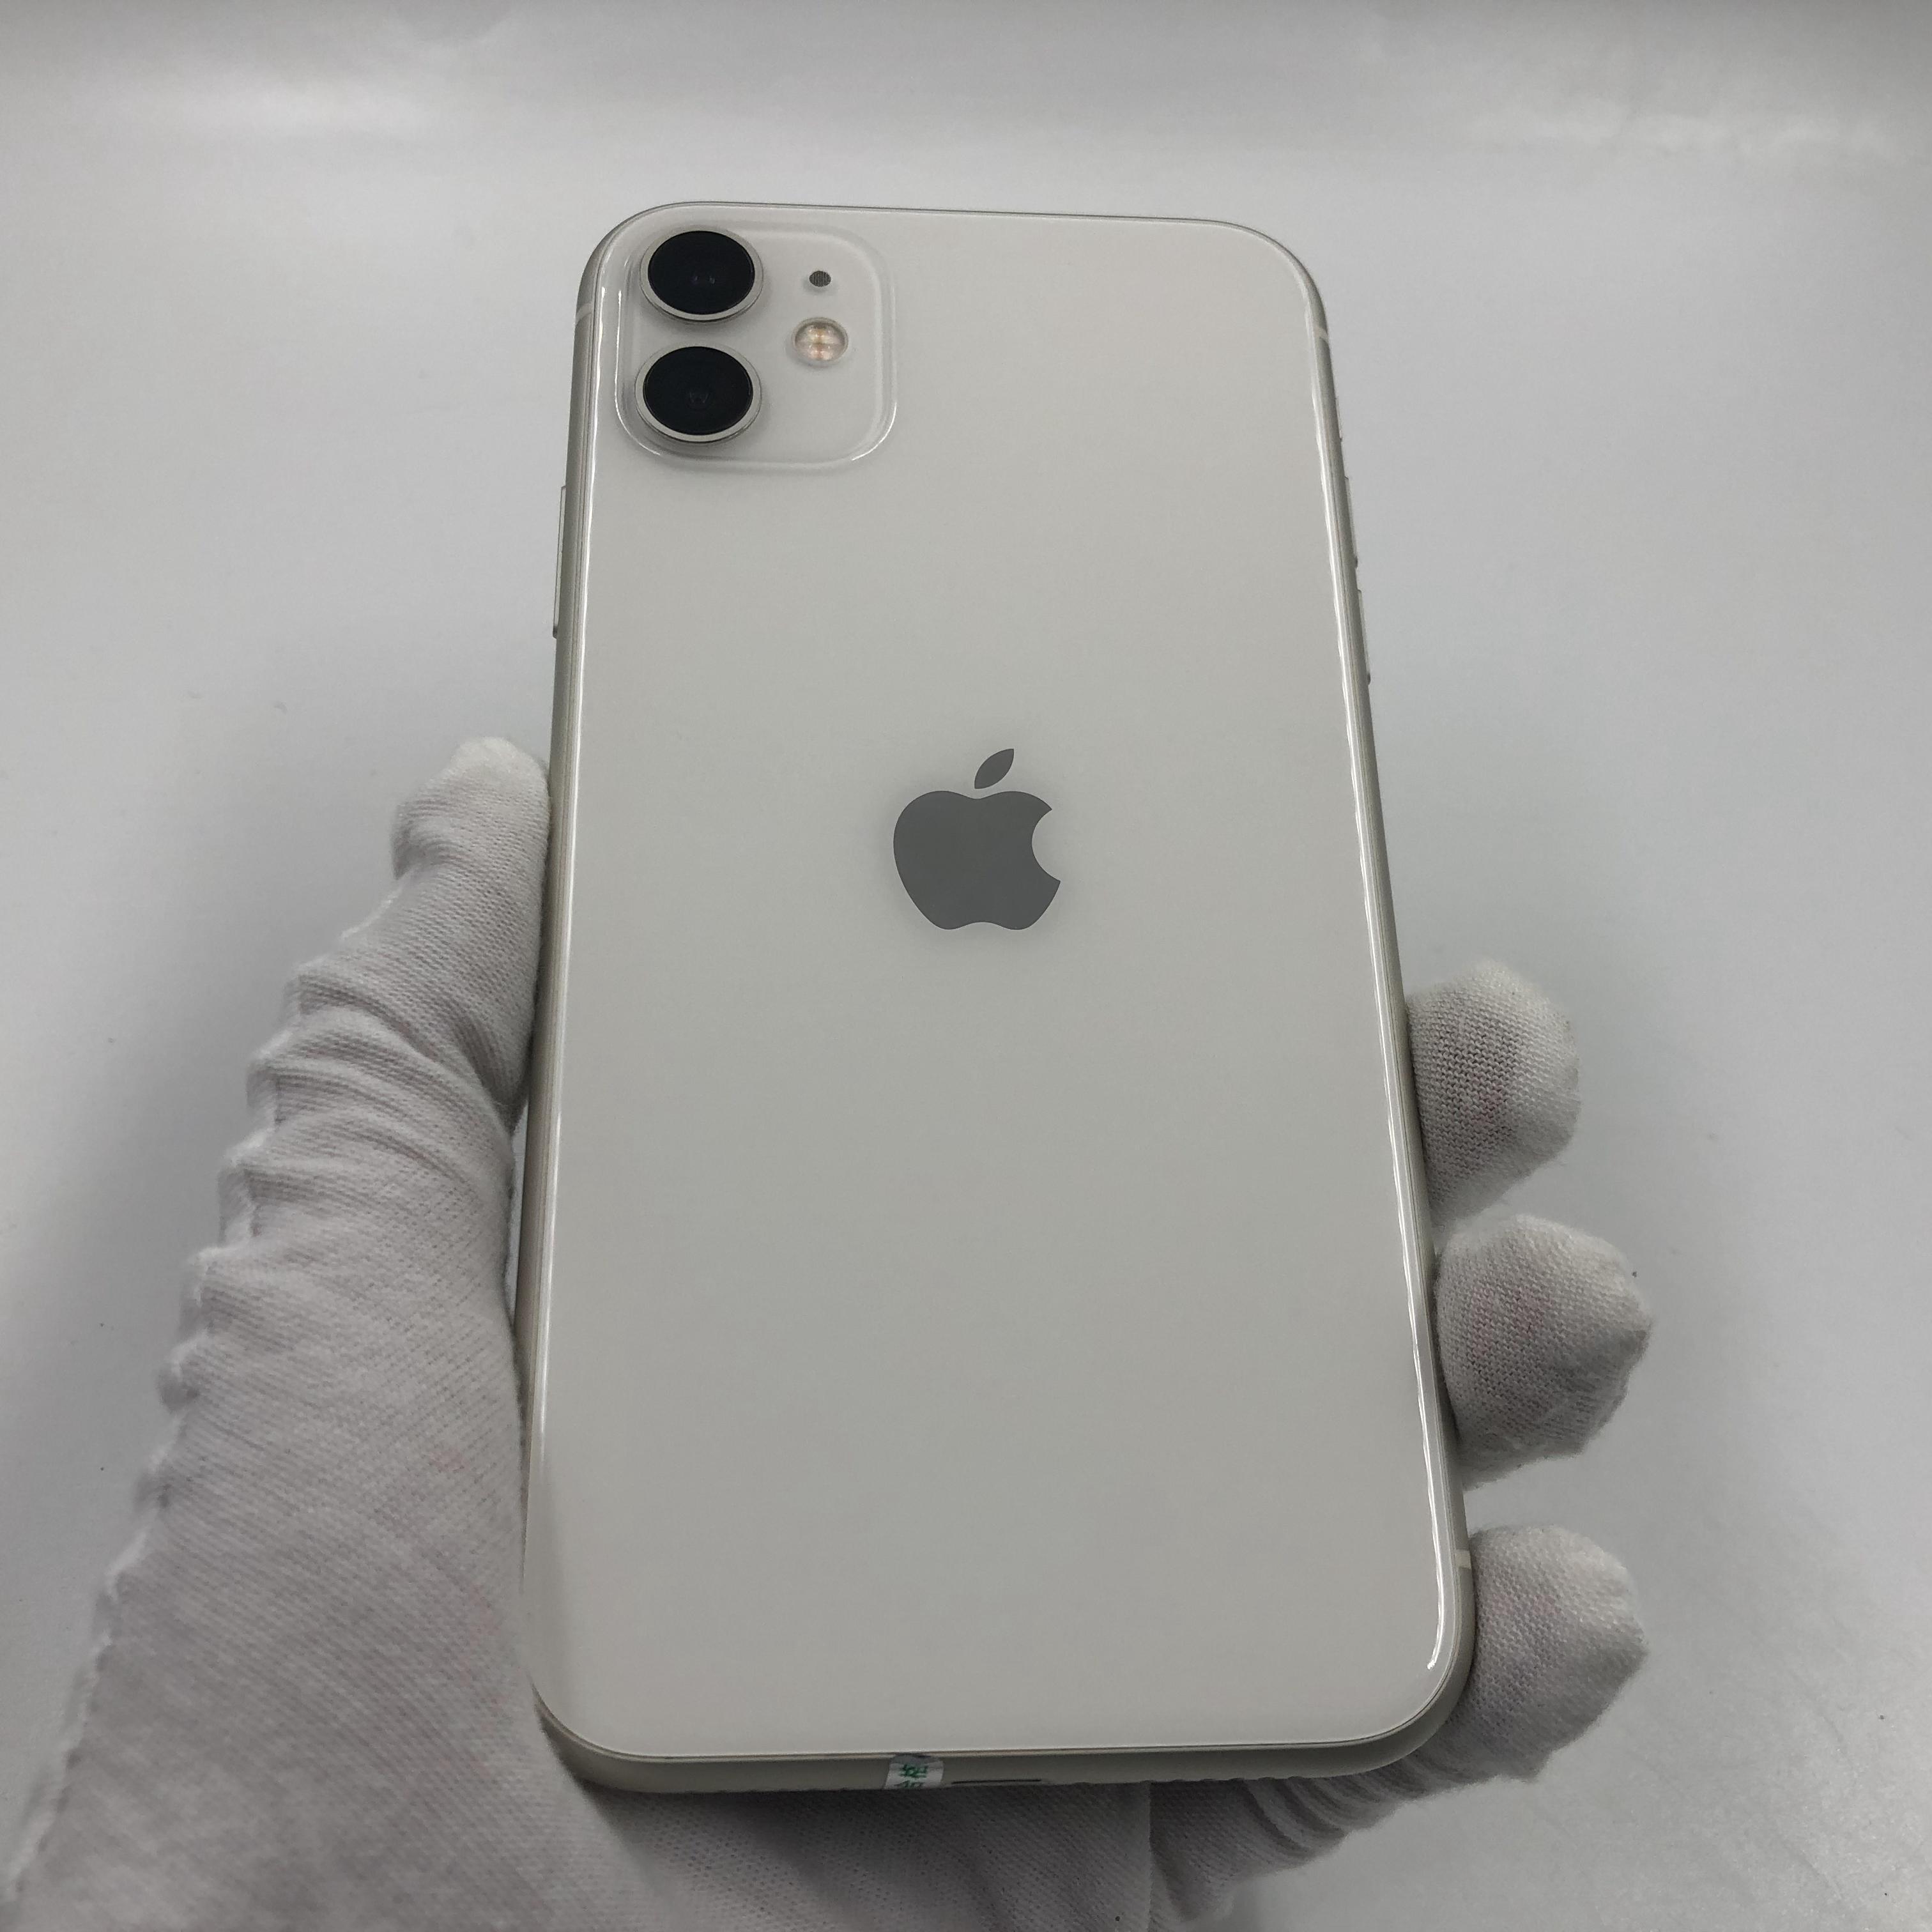 苹果【iPhone 11】4G全网通 白色 64G 国行 9成新 真机实拍